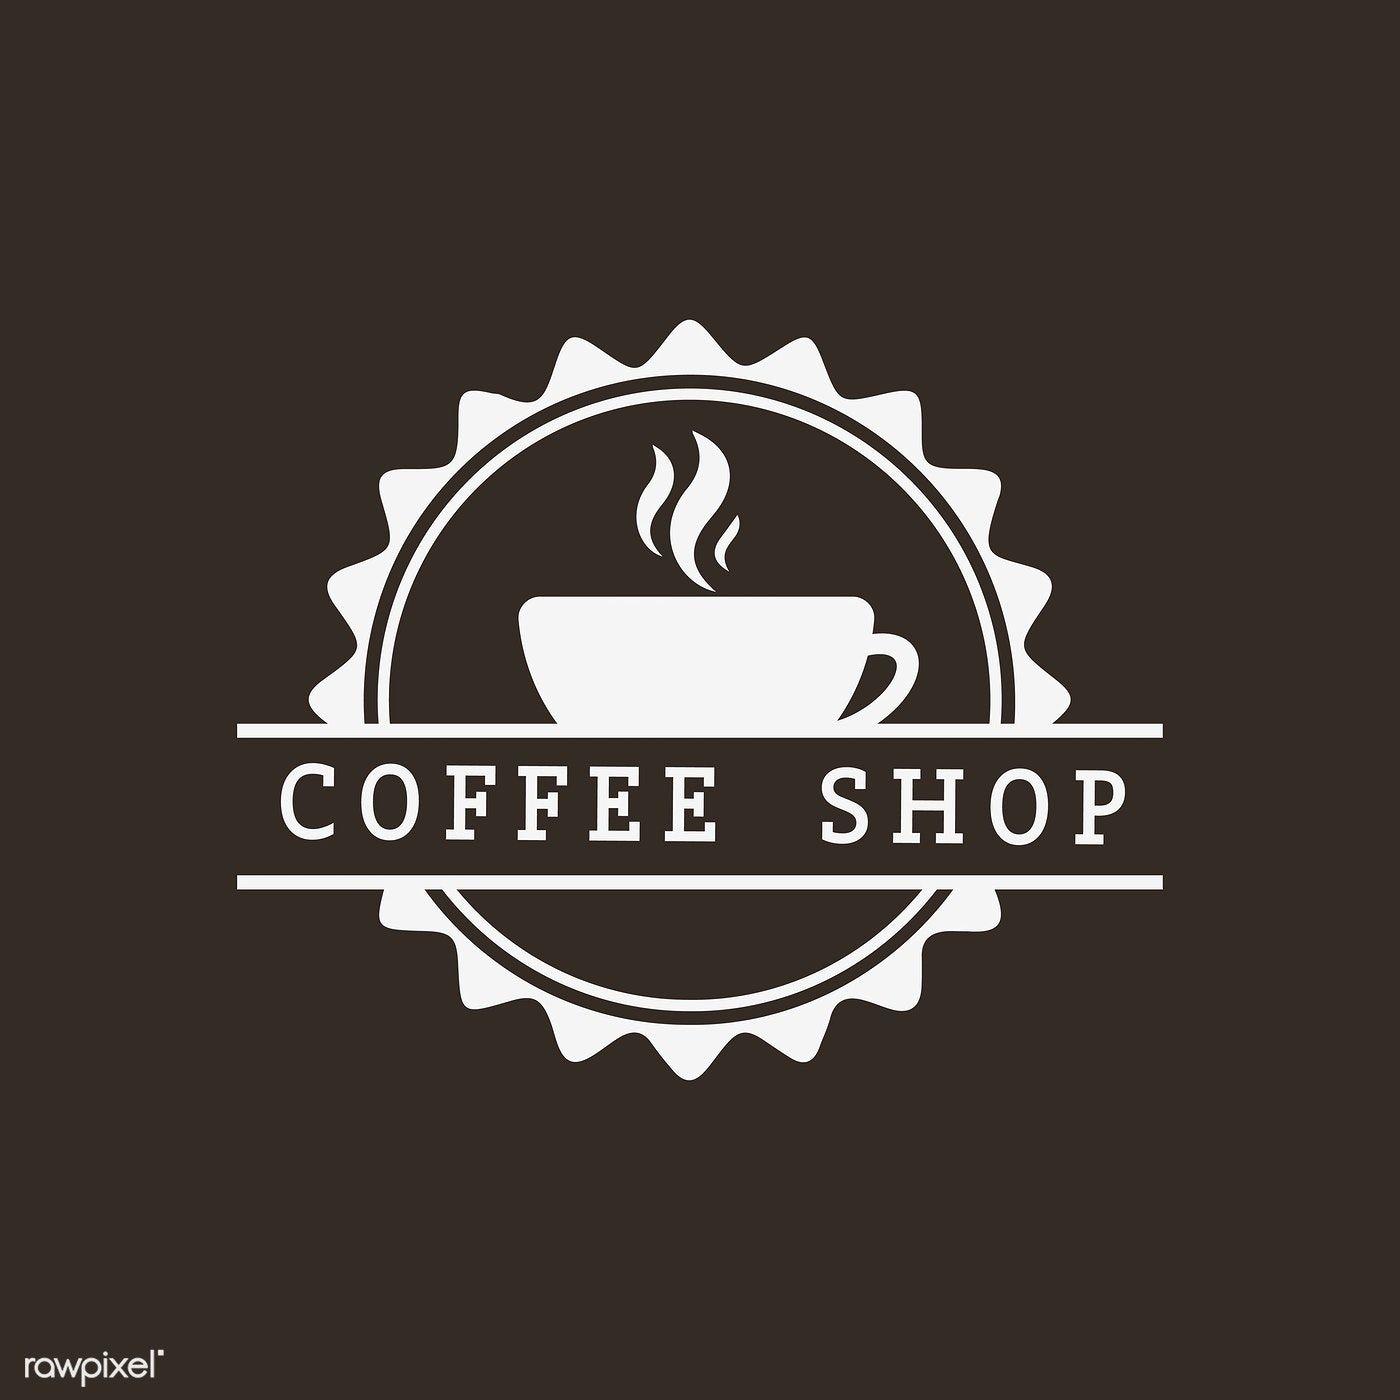 Retro Coffee Shop Logo Vector Free Image By Rawpixel Com Coffee Shop Logo Coffee Shop Vector Logo